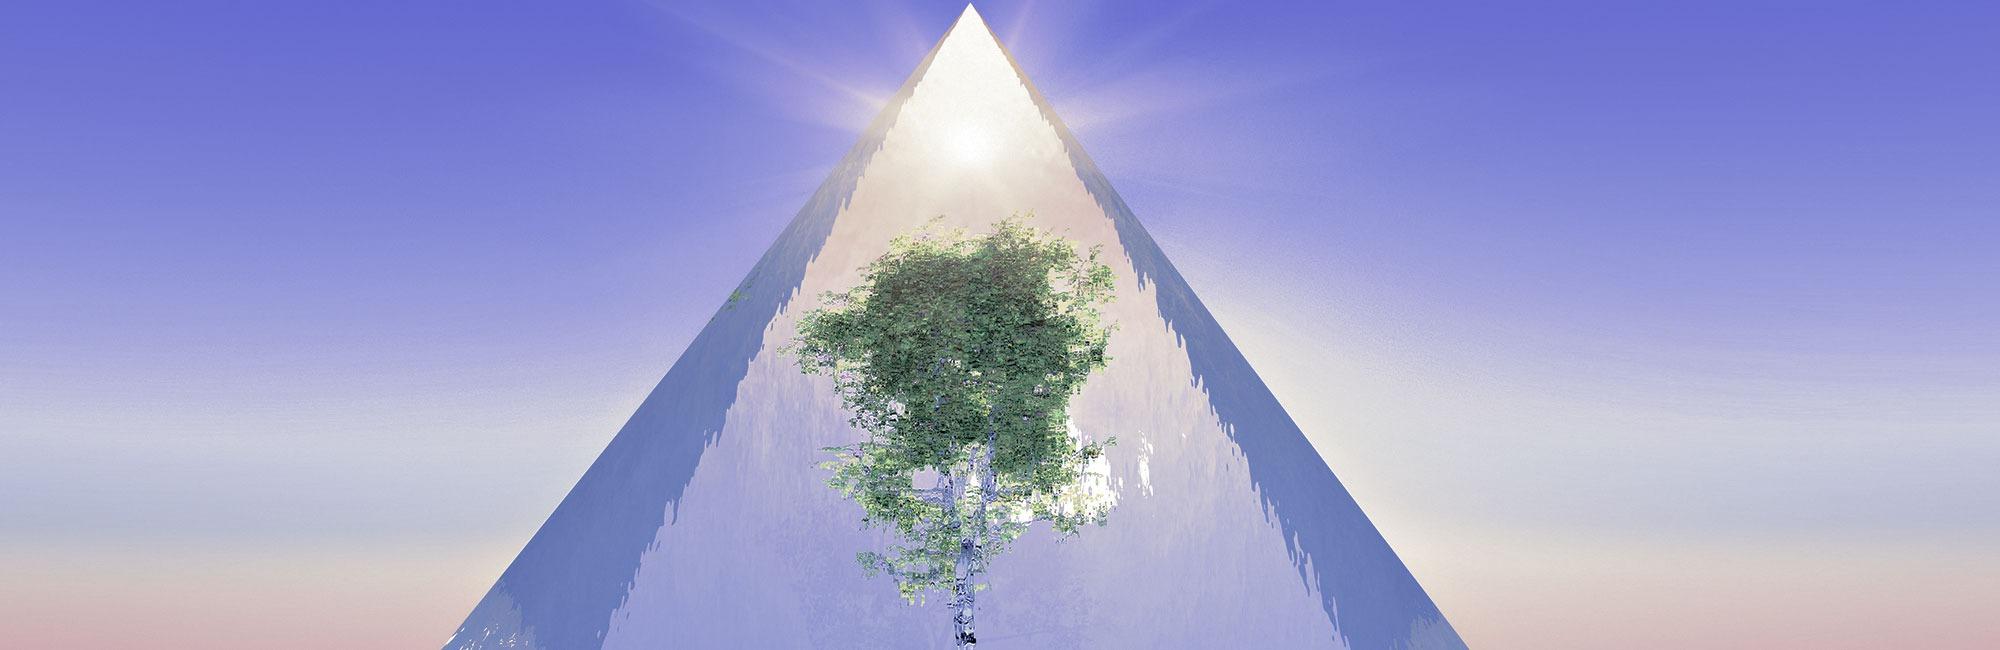 Pyramide de cristal vibratoire & sonore, ses enseignements et son rayonnement sont un véritable enchantement-Cristal Vibrasons